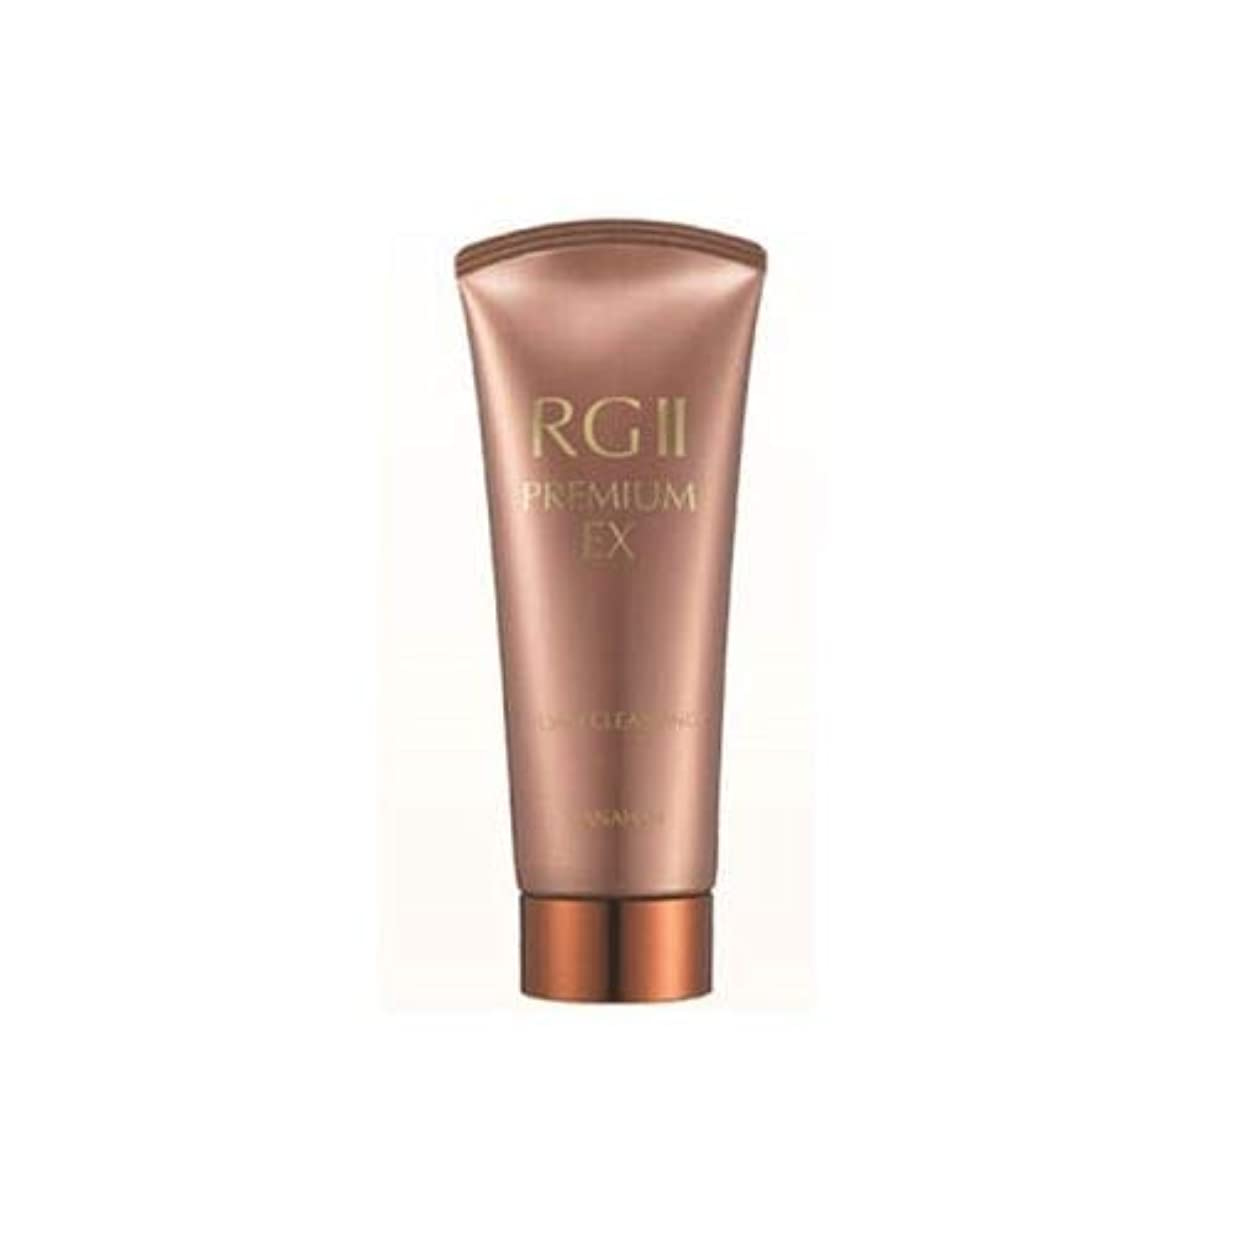 退屈植生ランダムDanahan RGll Premium EX Foam Cleansing 多娜嫺 (ダナハン) RGll プレミアム EX フォームクレンジング 200ml [並行輸入品]